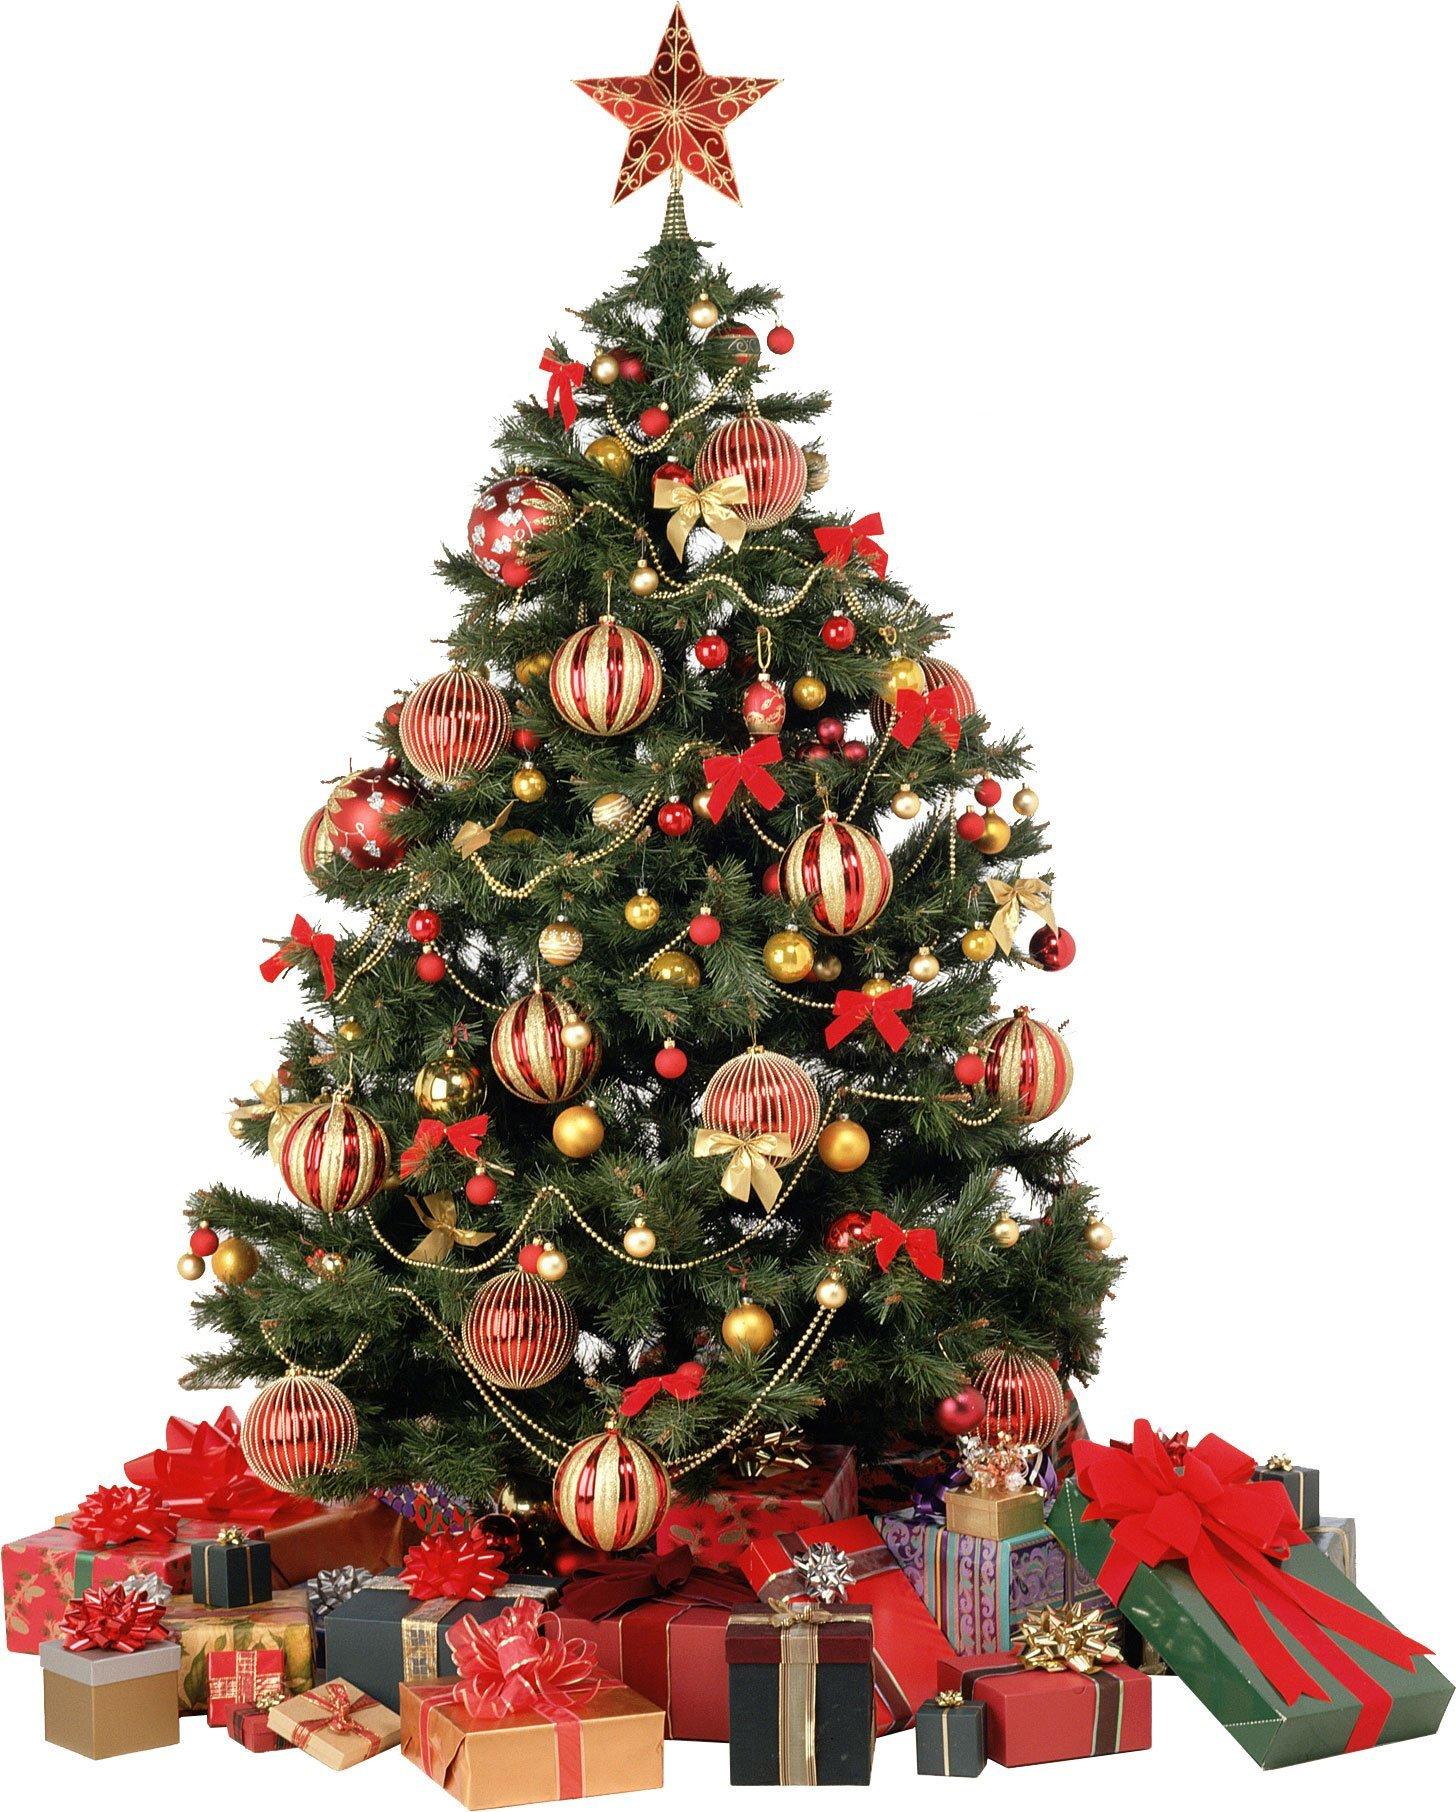 xmas_tree_png_8